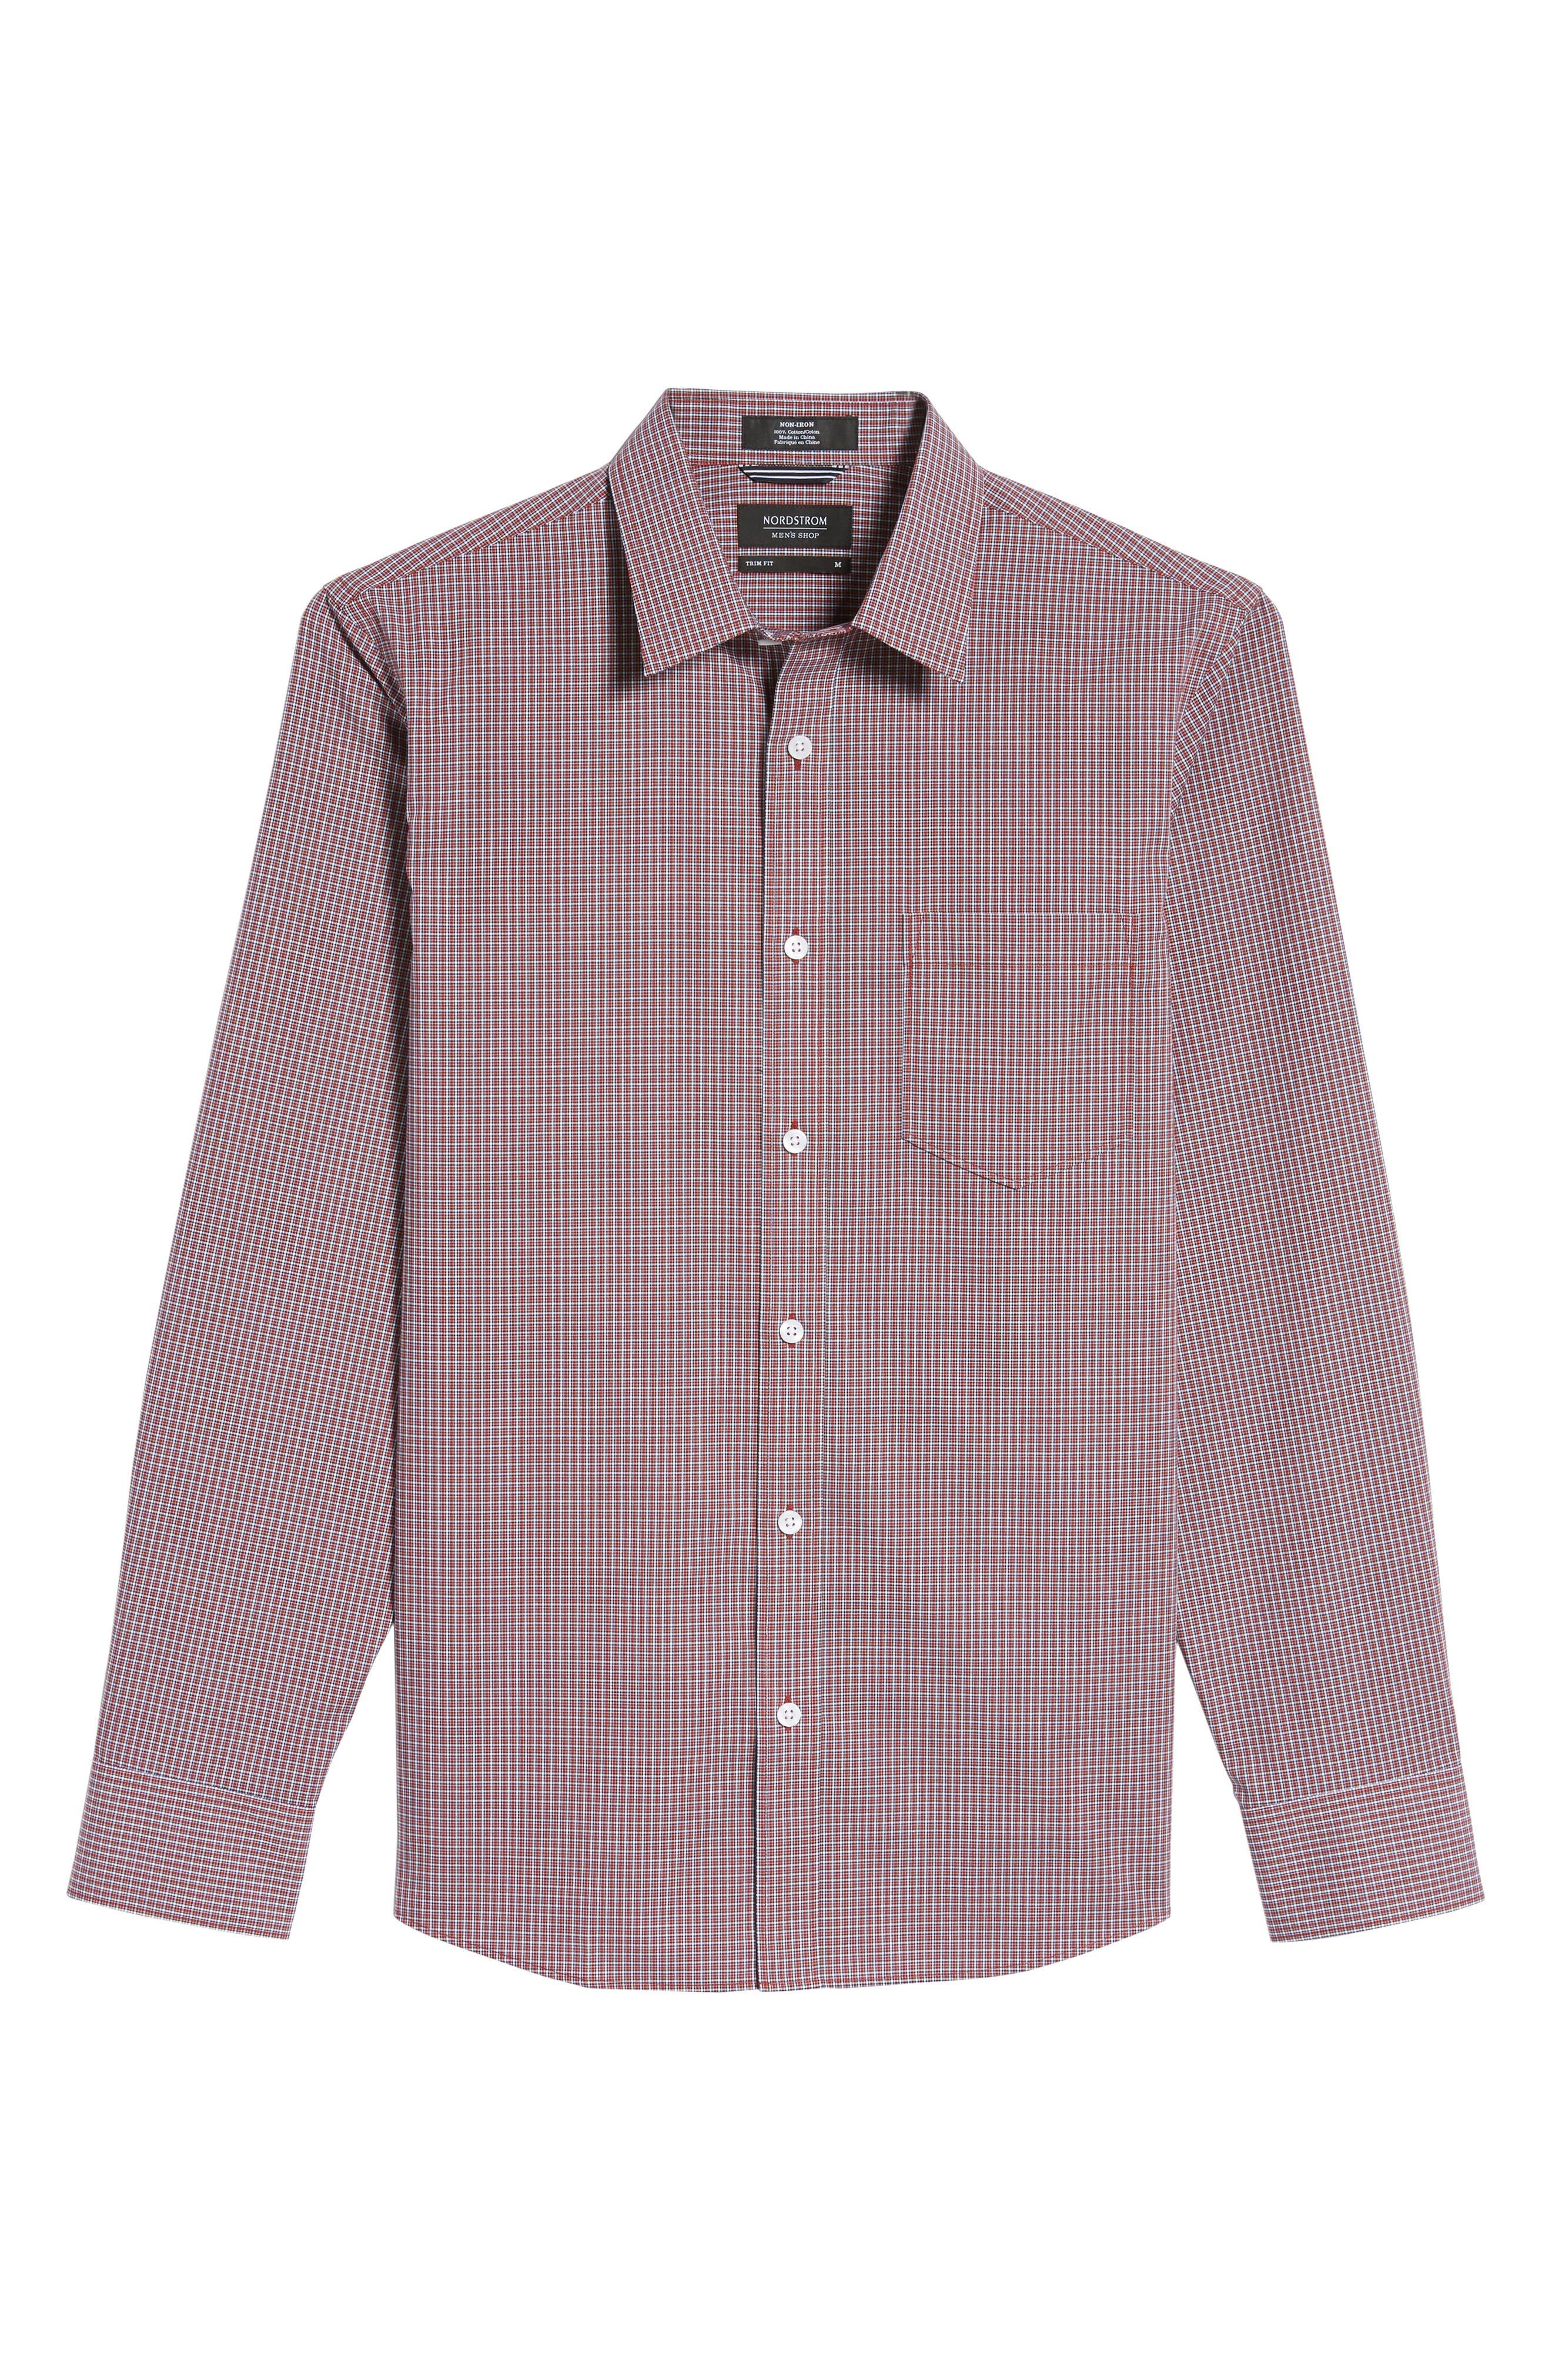 Trim Fit Non-Iron Mini Check Sport Shirt,                             Alternate thumbnail 6, color,                             610